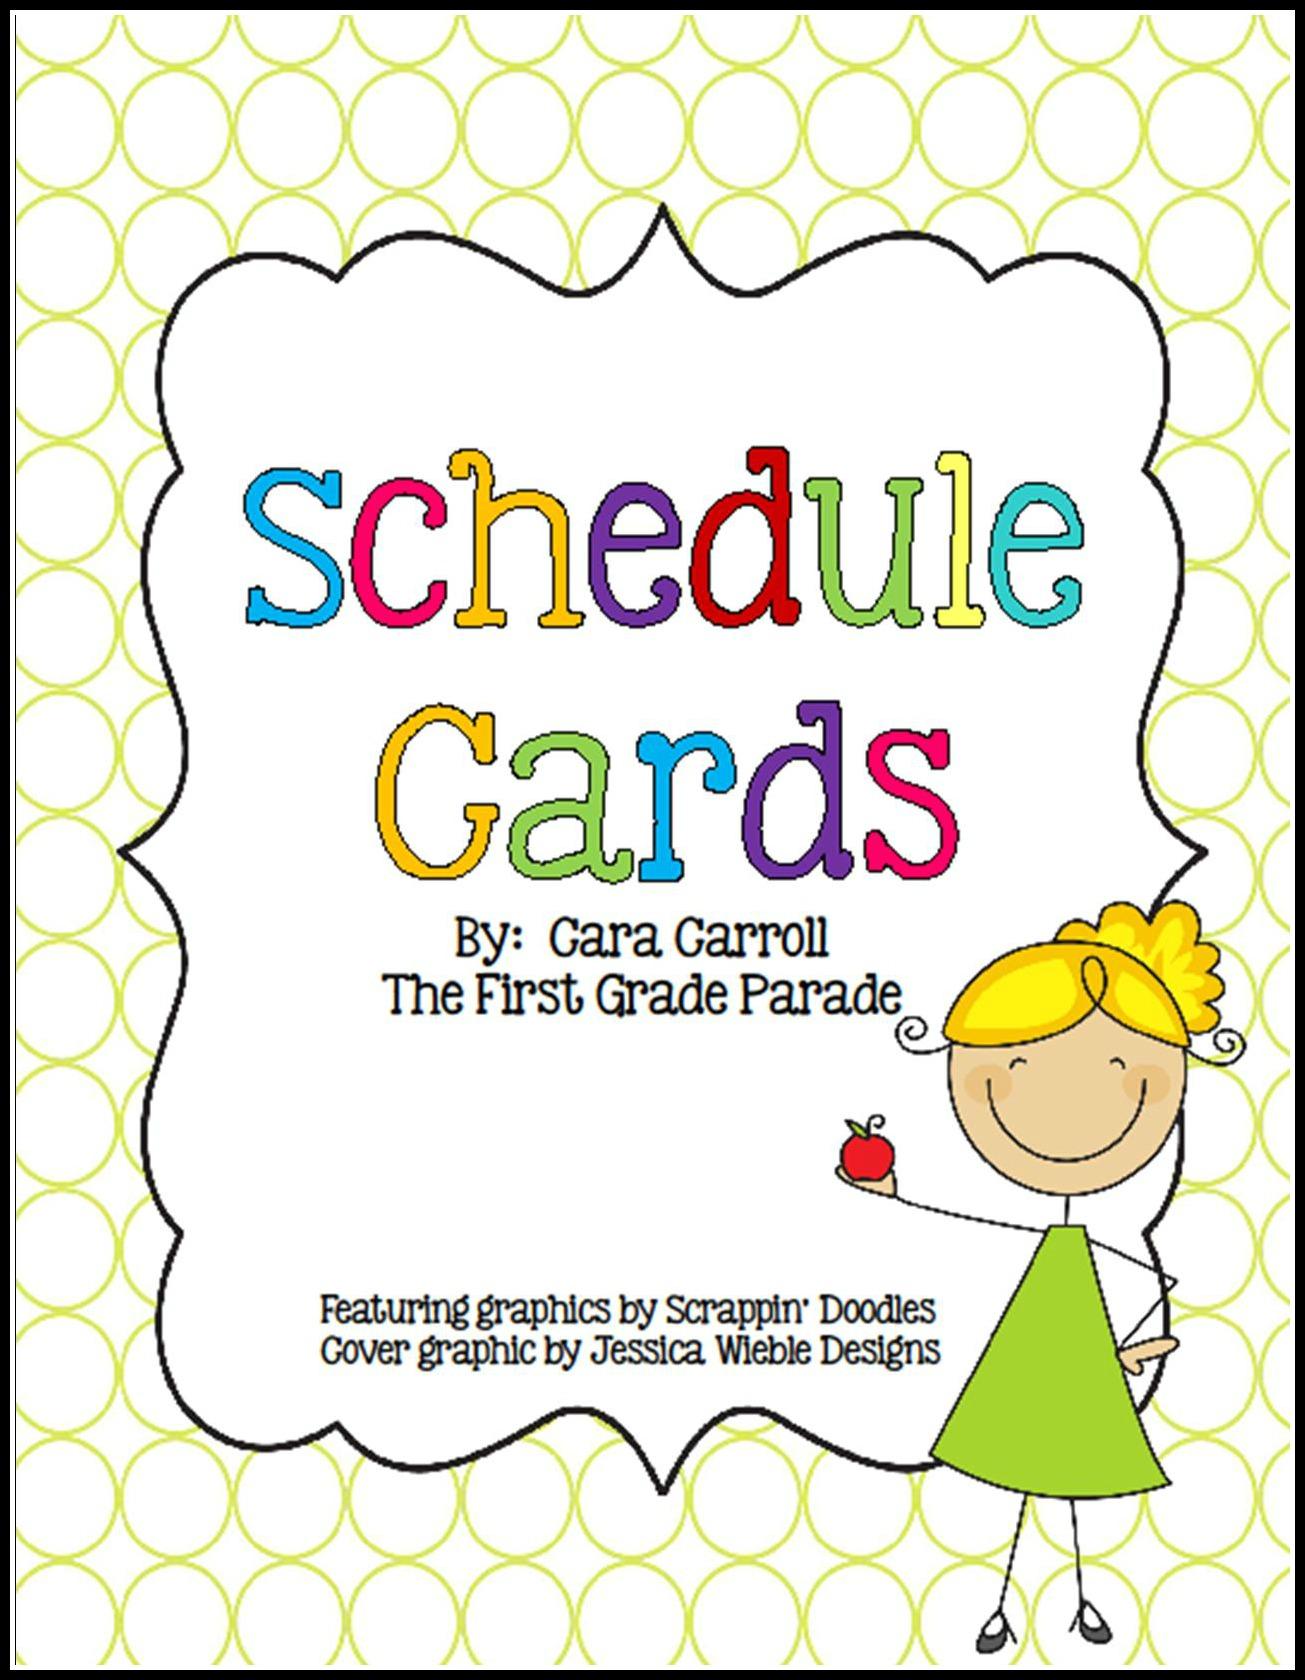 5 Best Images of Preschool Classroom Schedule Printables ...